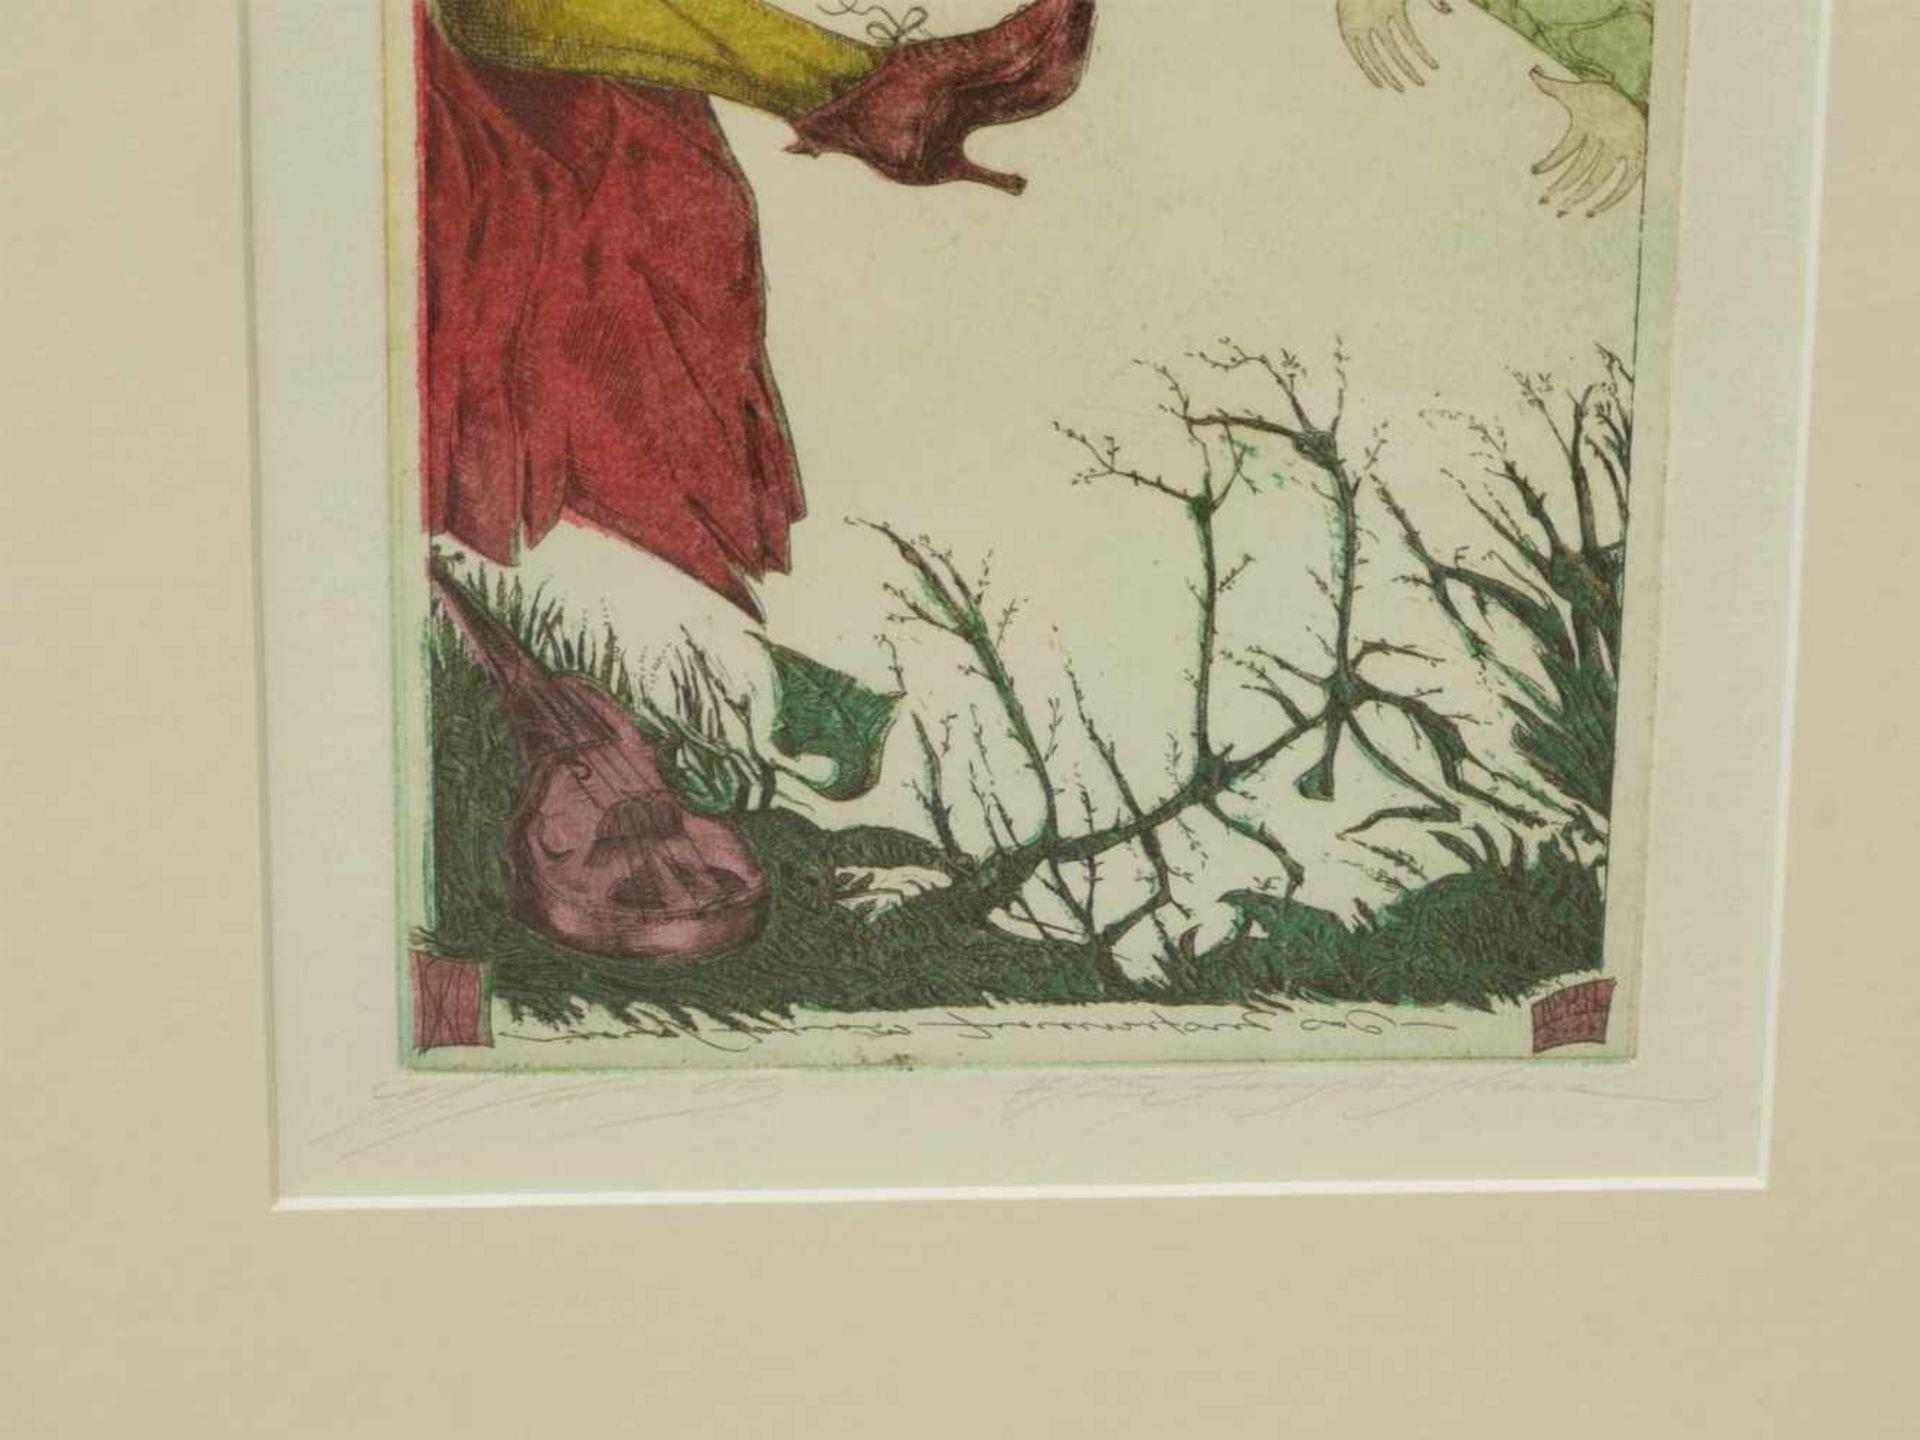 Klenner- Otto, Stephan - Paar Farbradierungen aus E.T.A. Hoffmann Rath Krespel 2004Teil der - Bild 5 aus 5